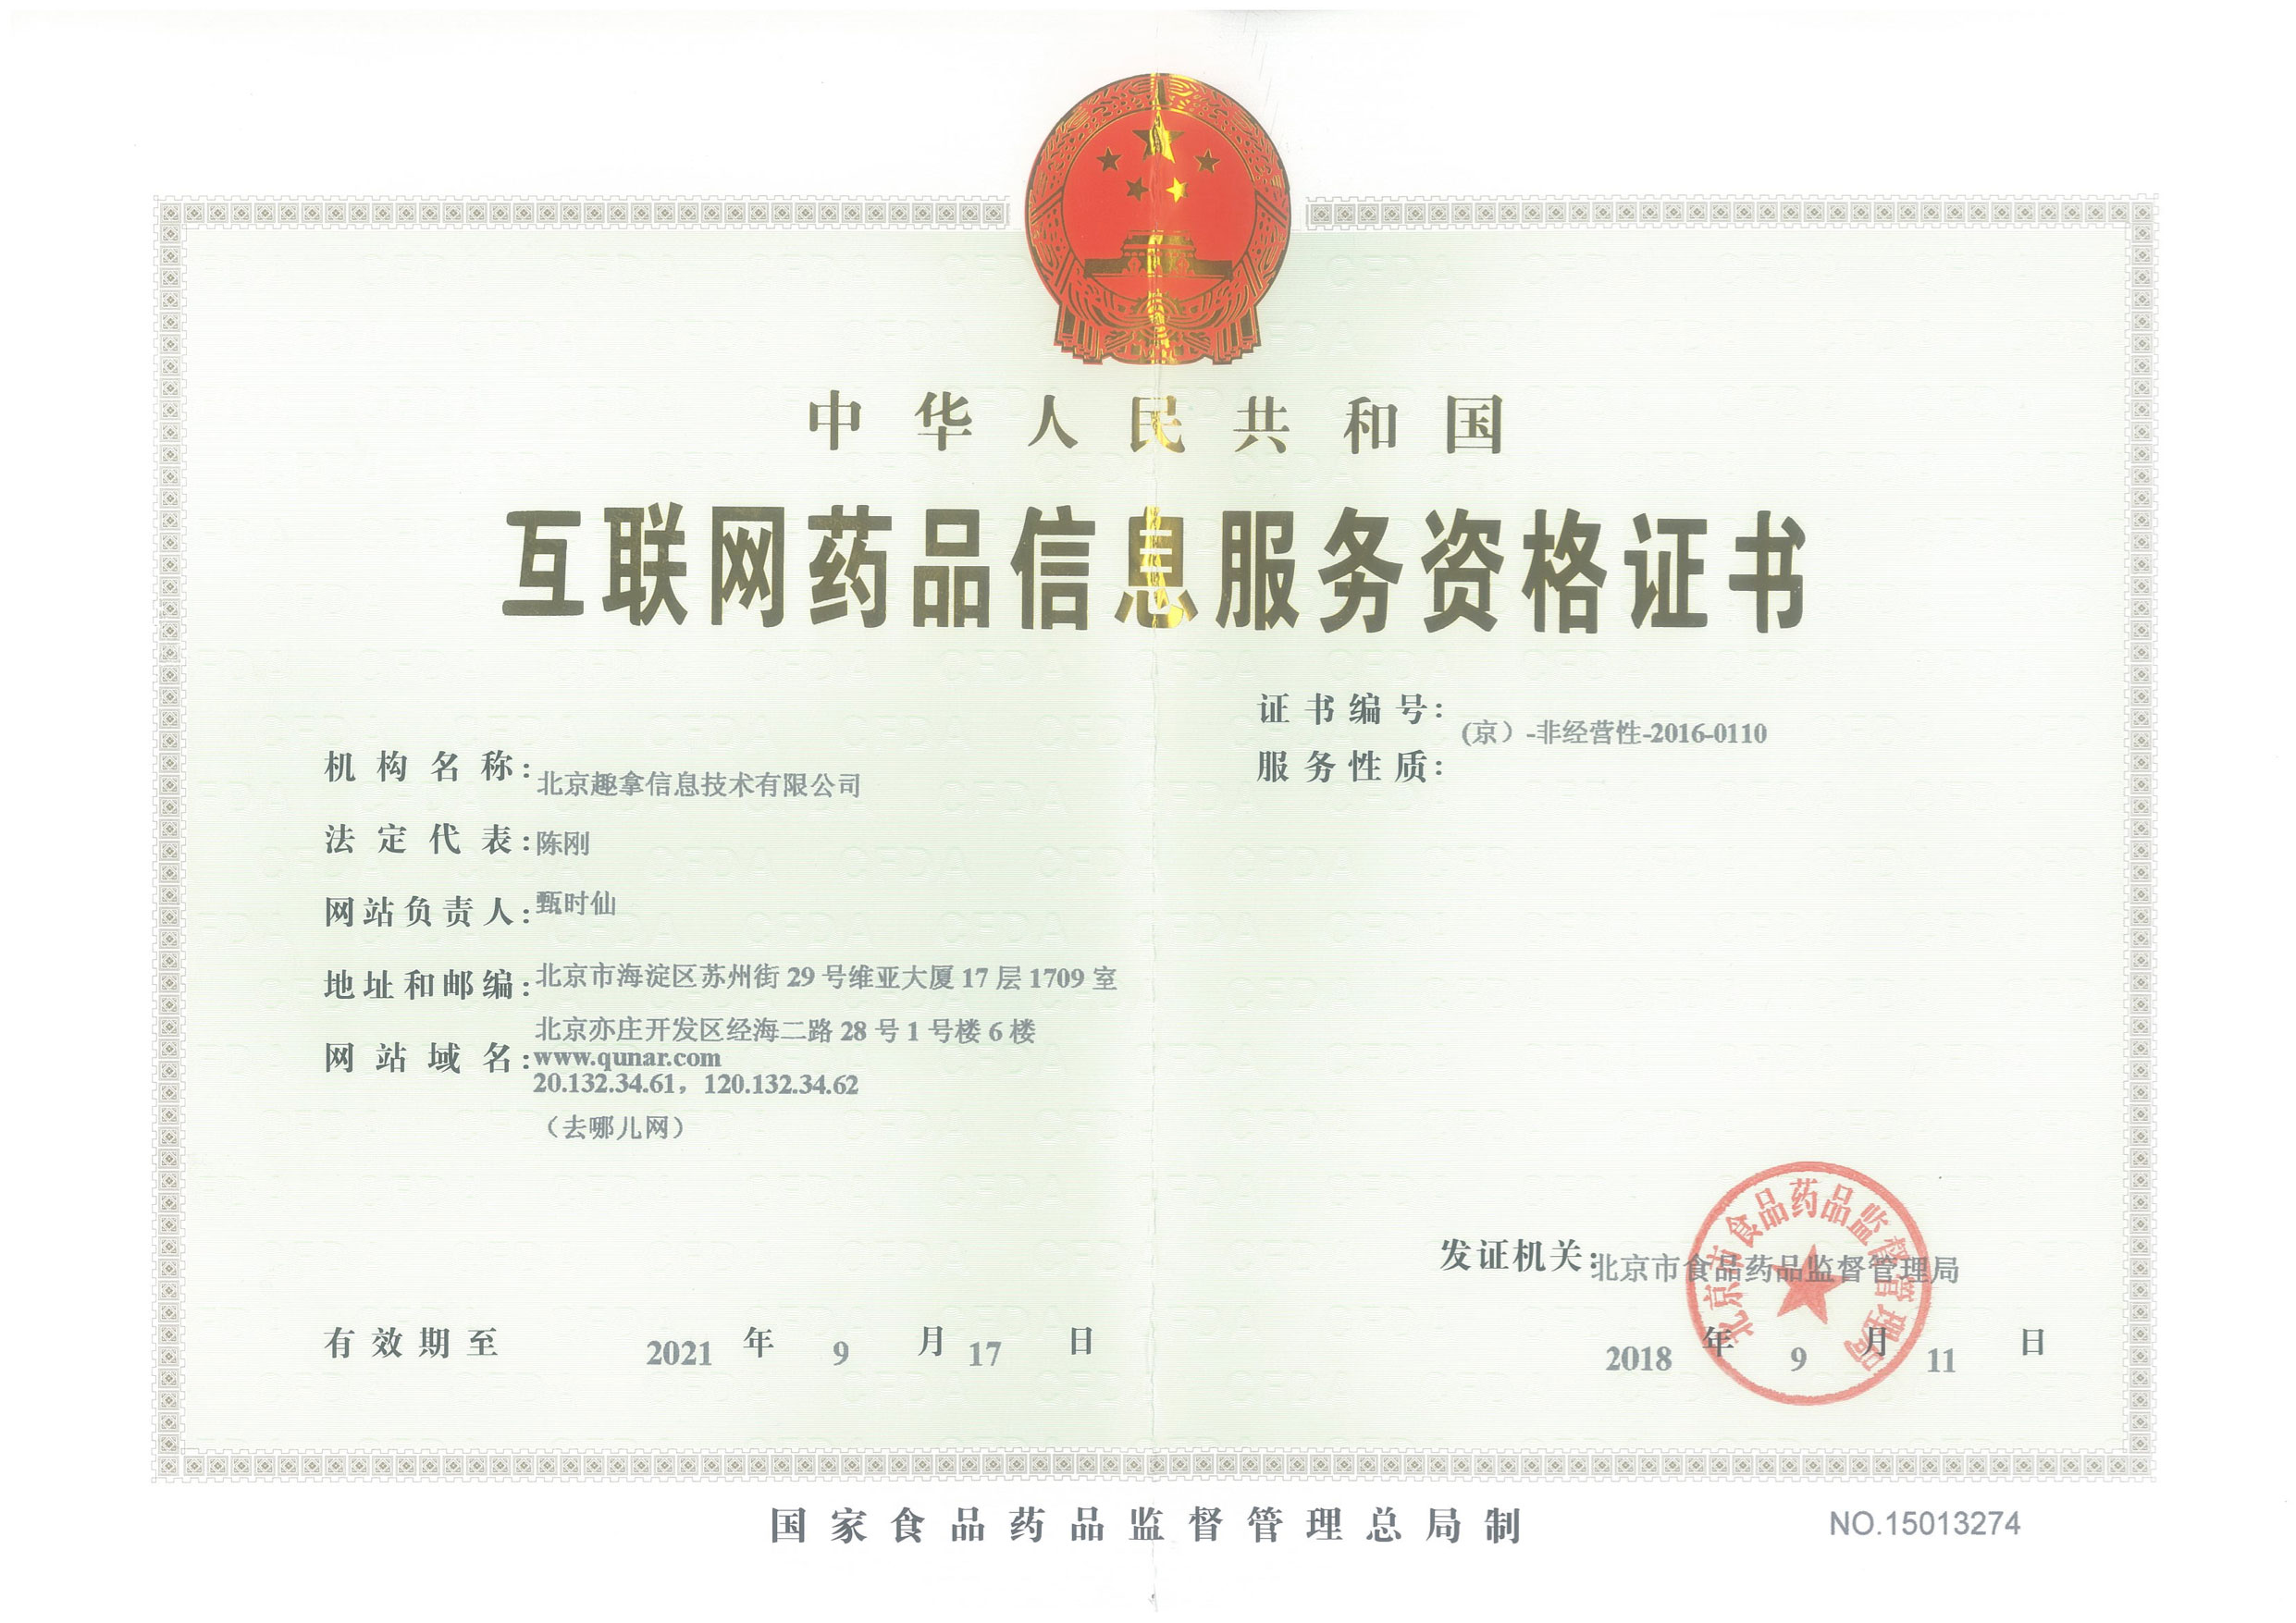 【网上最大的棋牌现金平台】互联网药品信息服务资格证书